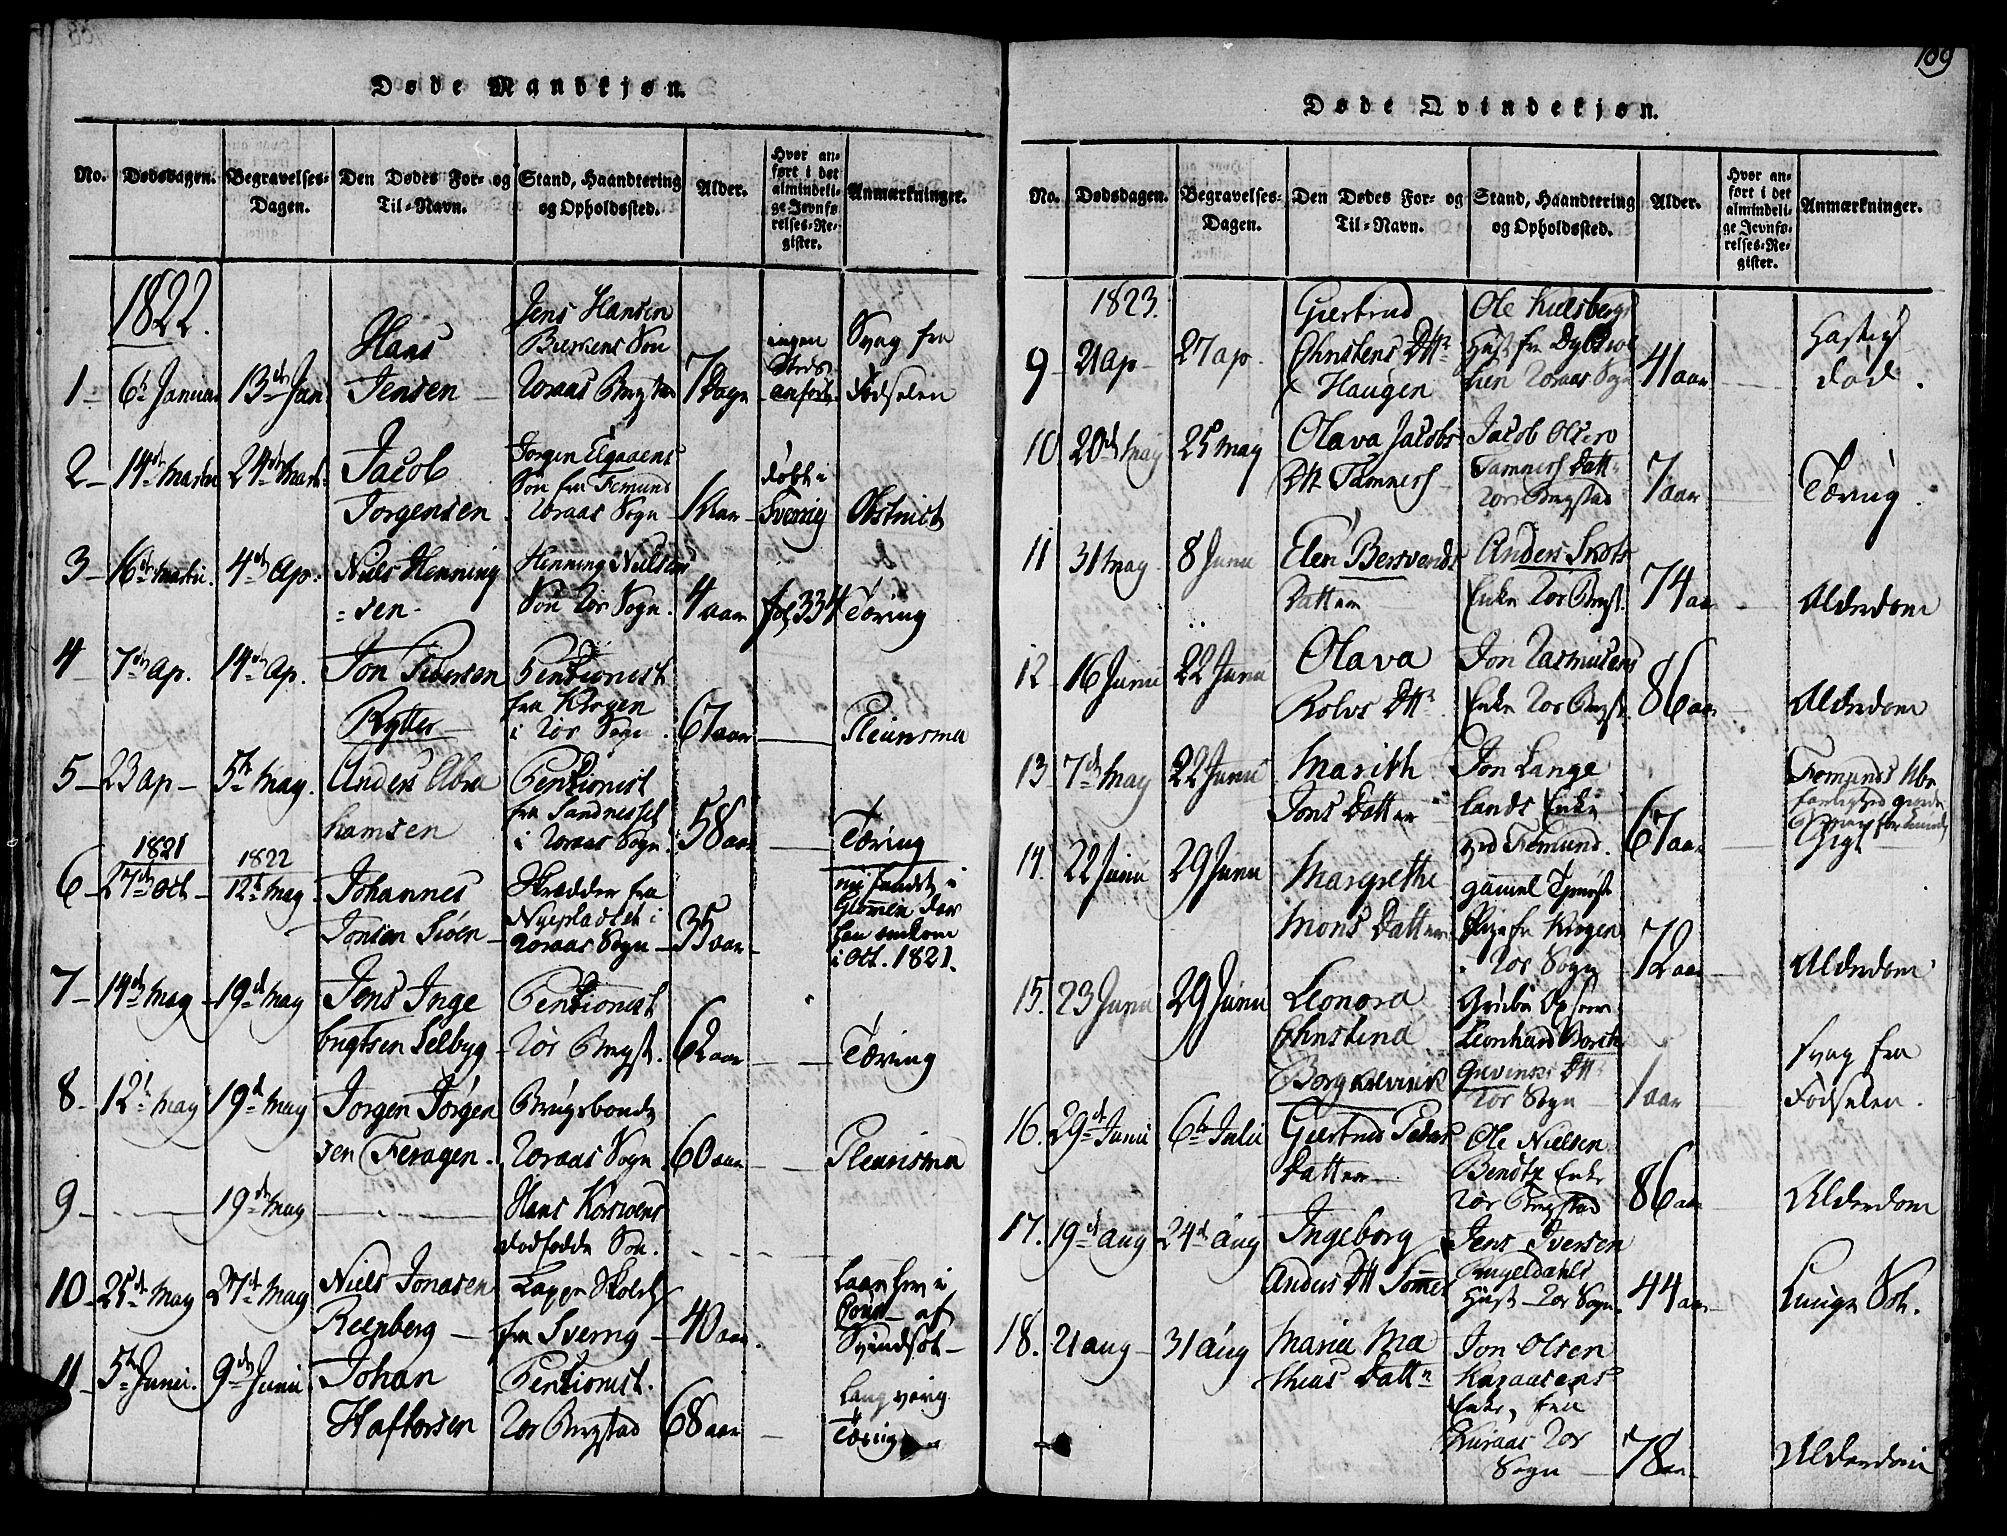 SAT, Ministerialprotokoller, klokkerbøker og fødselsregistre - Sør-Trøndelag, 681/L0929: Ministerialbok nr. 681A07, 1817-1828, s. 109